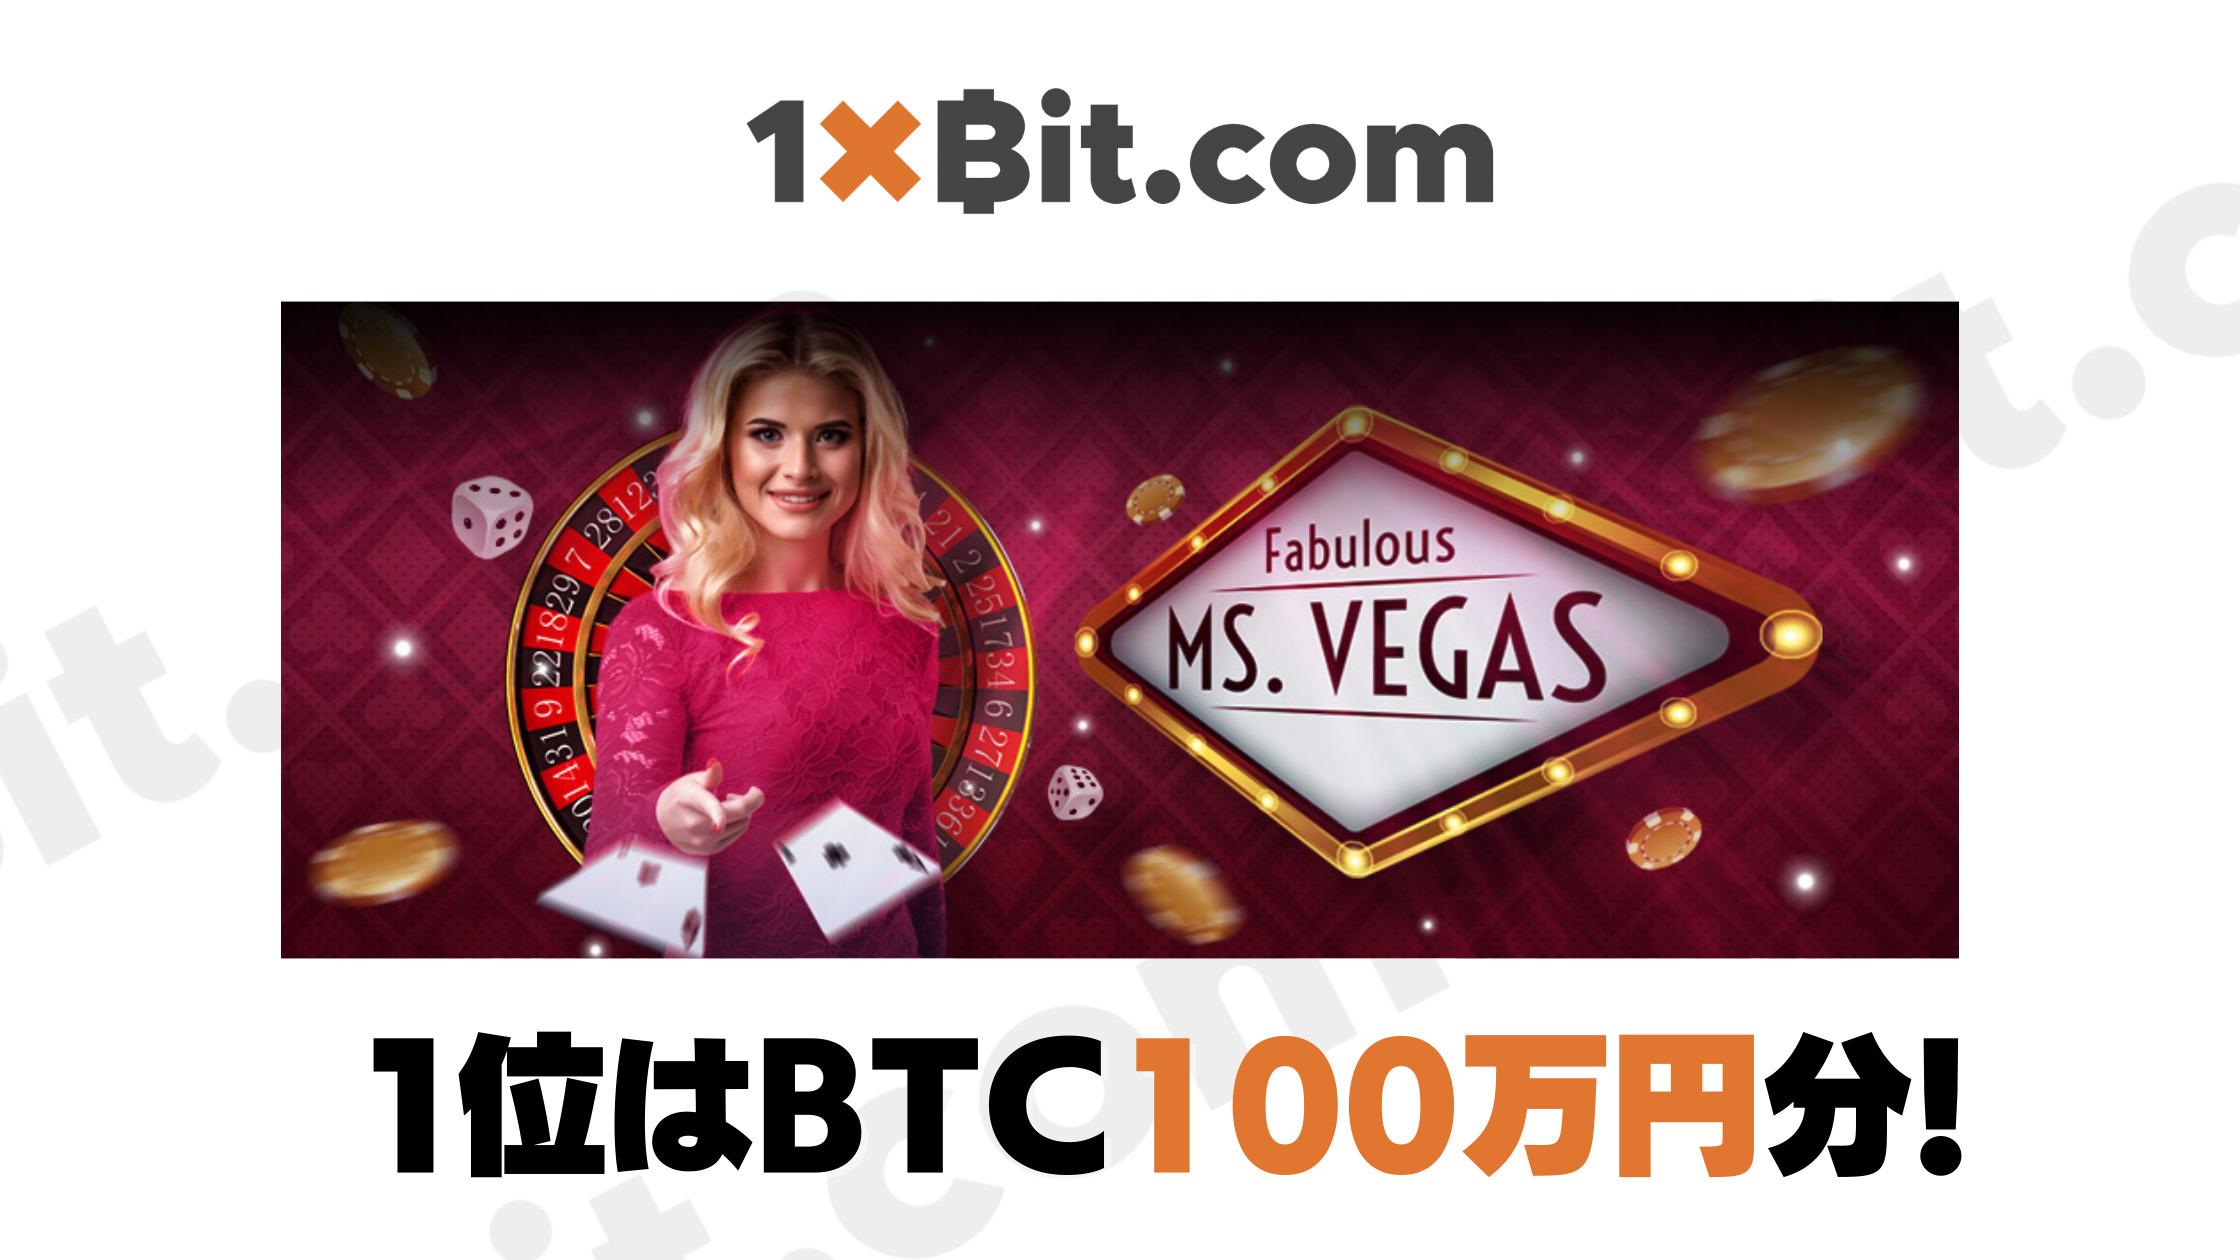 【1xBit】ビットコインがもらえるライブトーナメント!BTC高騰中につきチャンスです。